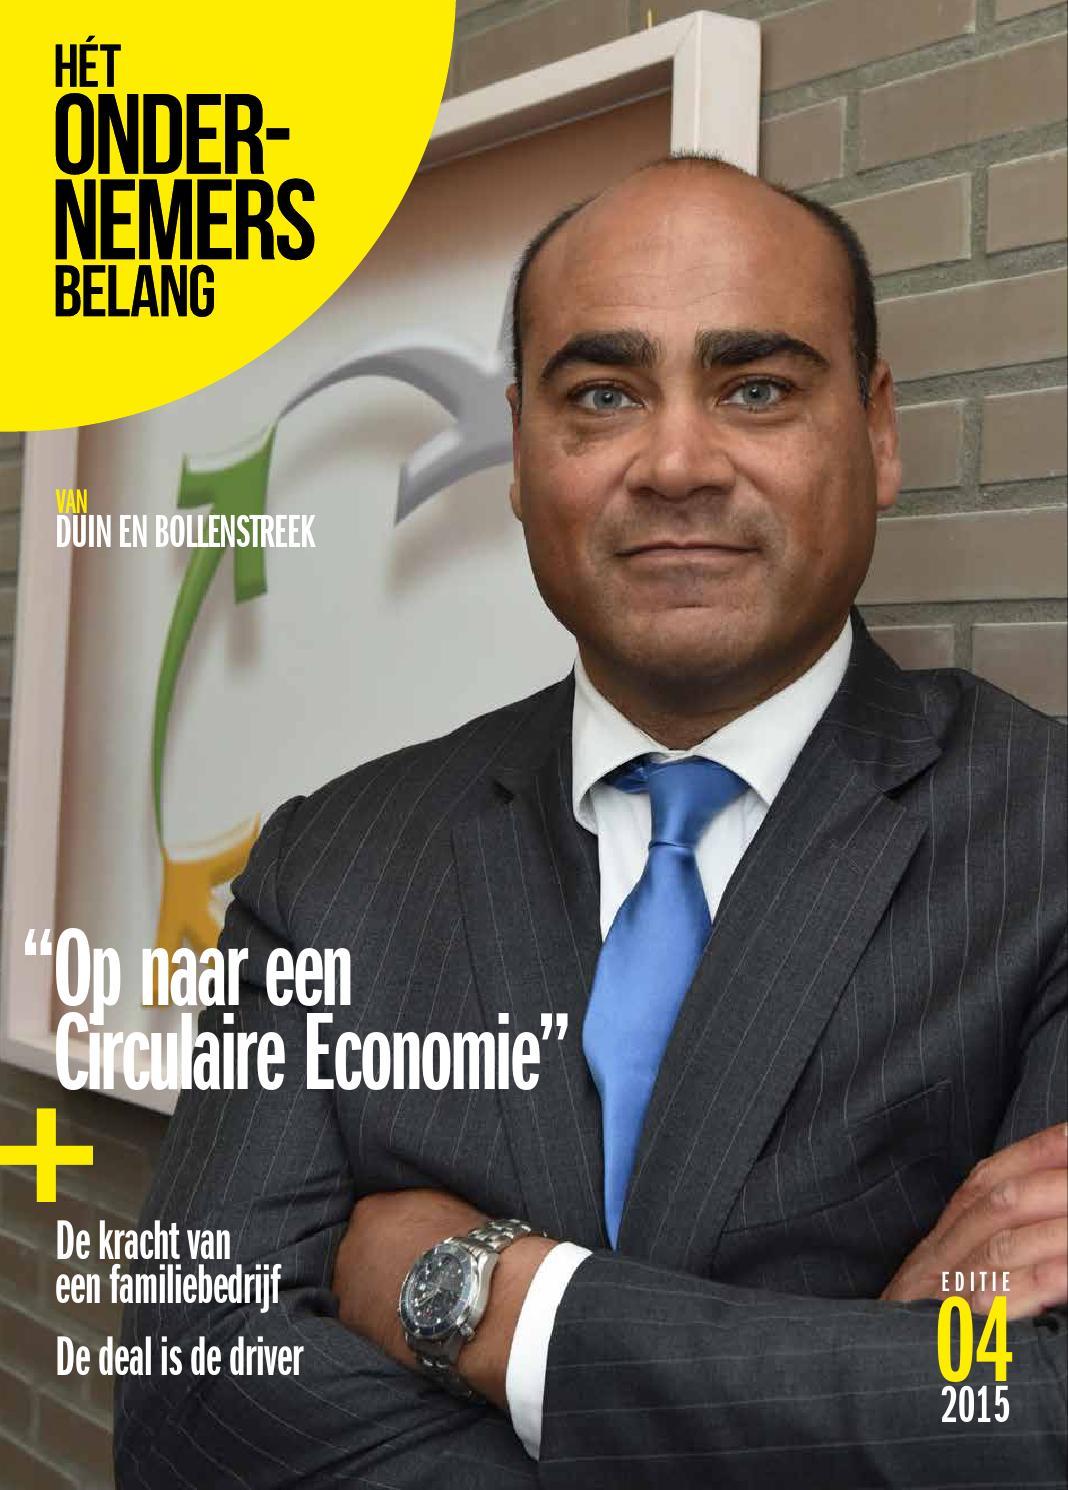 Het Ondernemersbelang Amsterdam 4-2015 by Uitgeverij Novema - issuu